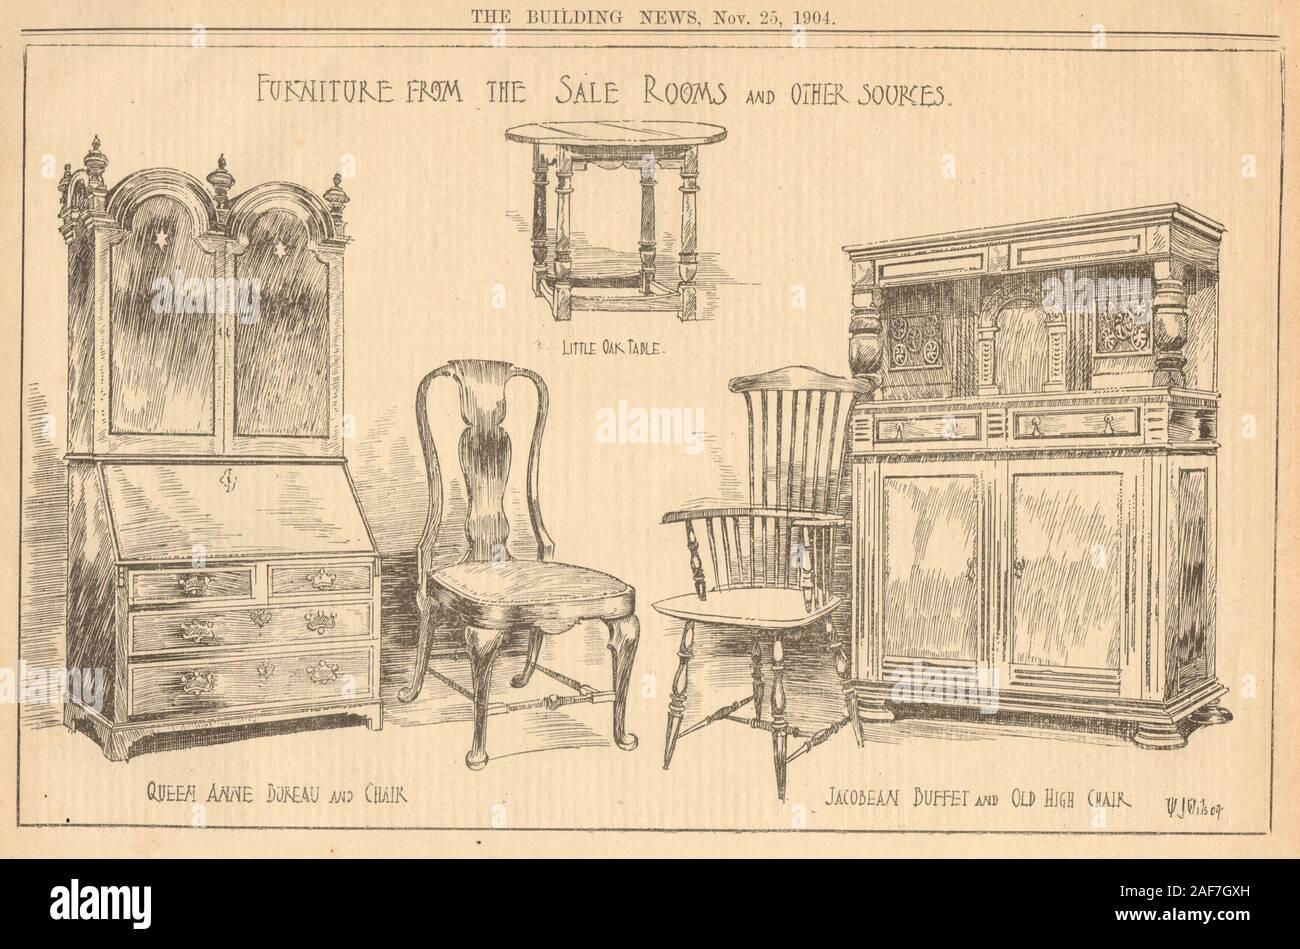 Furniture. Oak table Queen Anne bureau chair Jacobean buffet high chair 1904 Stock Photo